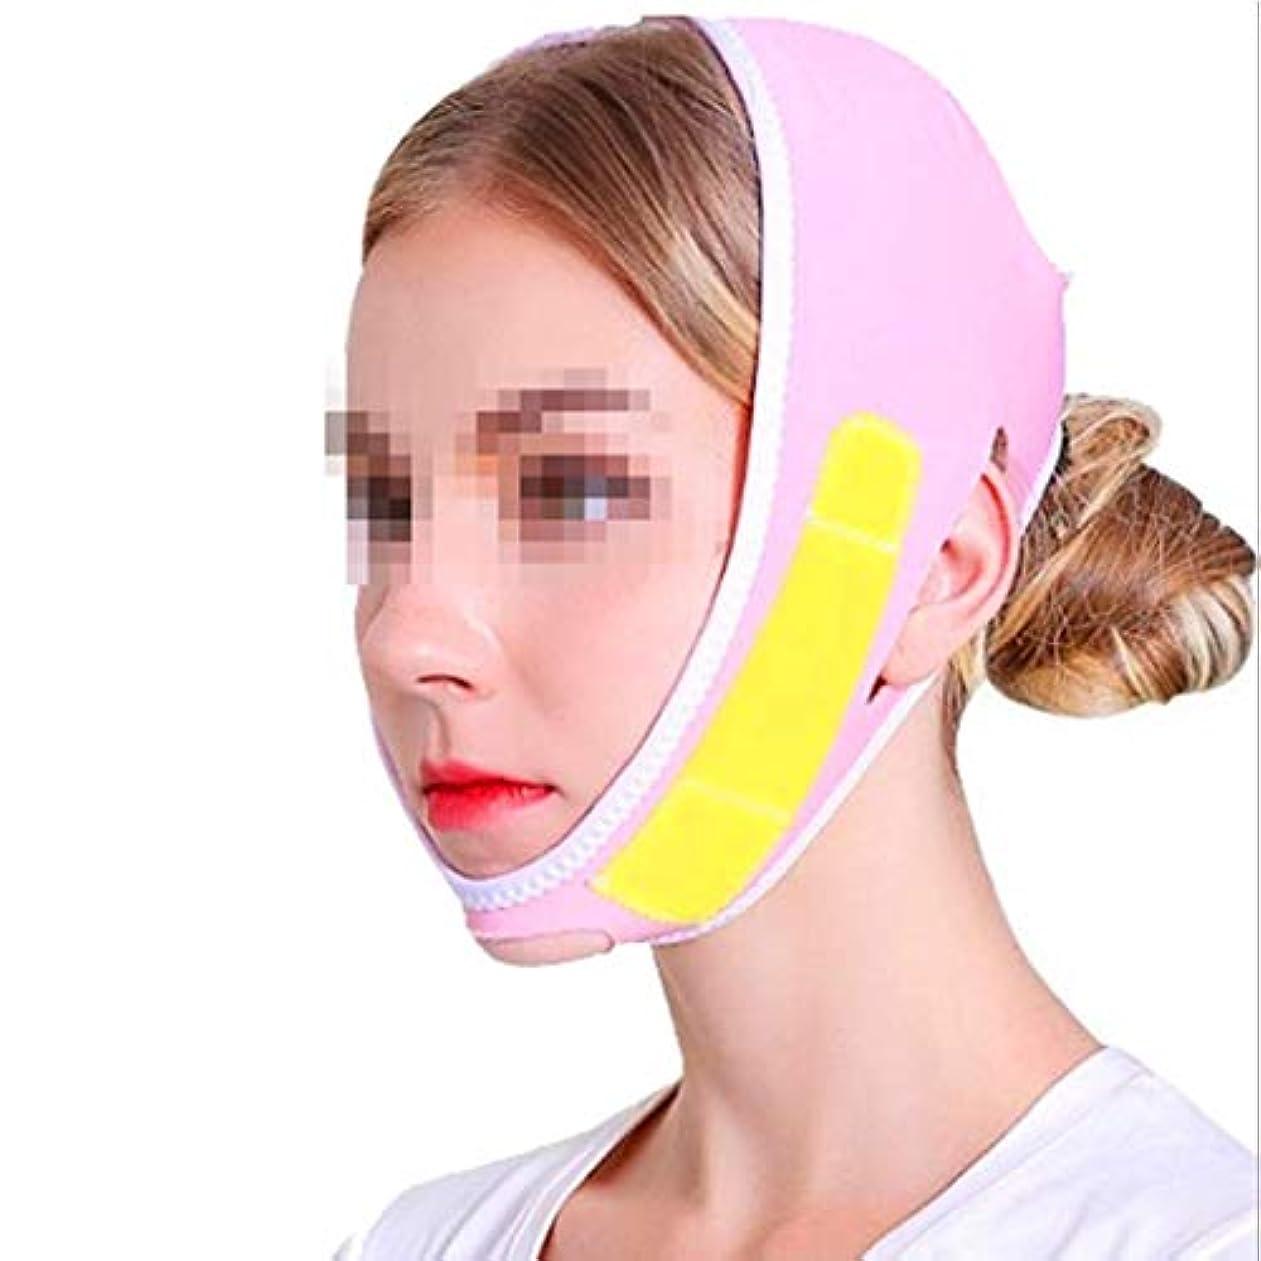 リーダーシップスロープ経験的フェイスリフトマスク、Vフェイスフェイシャルリフティング、およびローラインにしっかりと締め付けます二重あごの美容整形包帯マルチカラーオプション(カラー:イエロー),ピンク